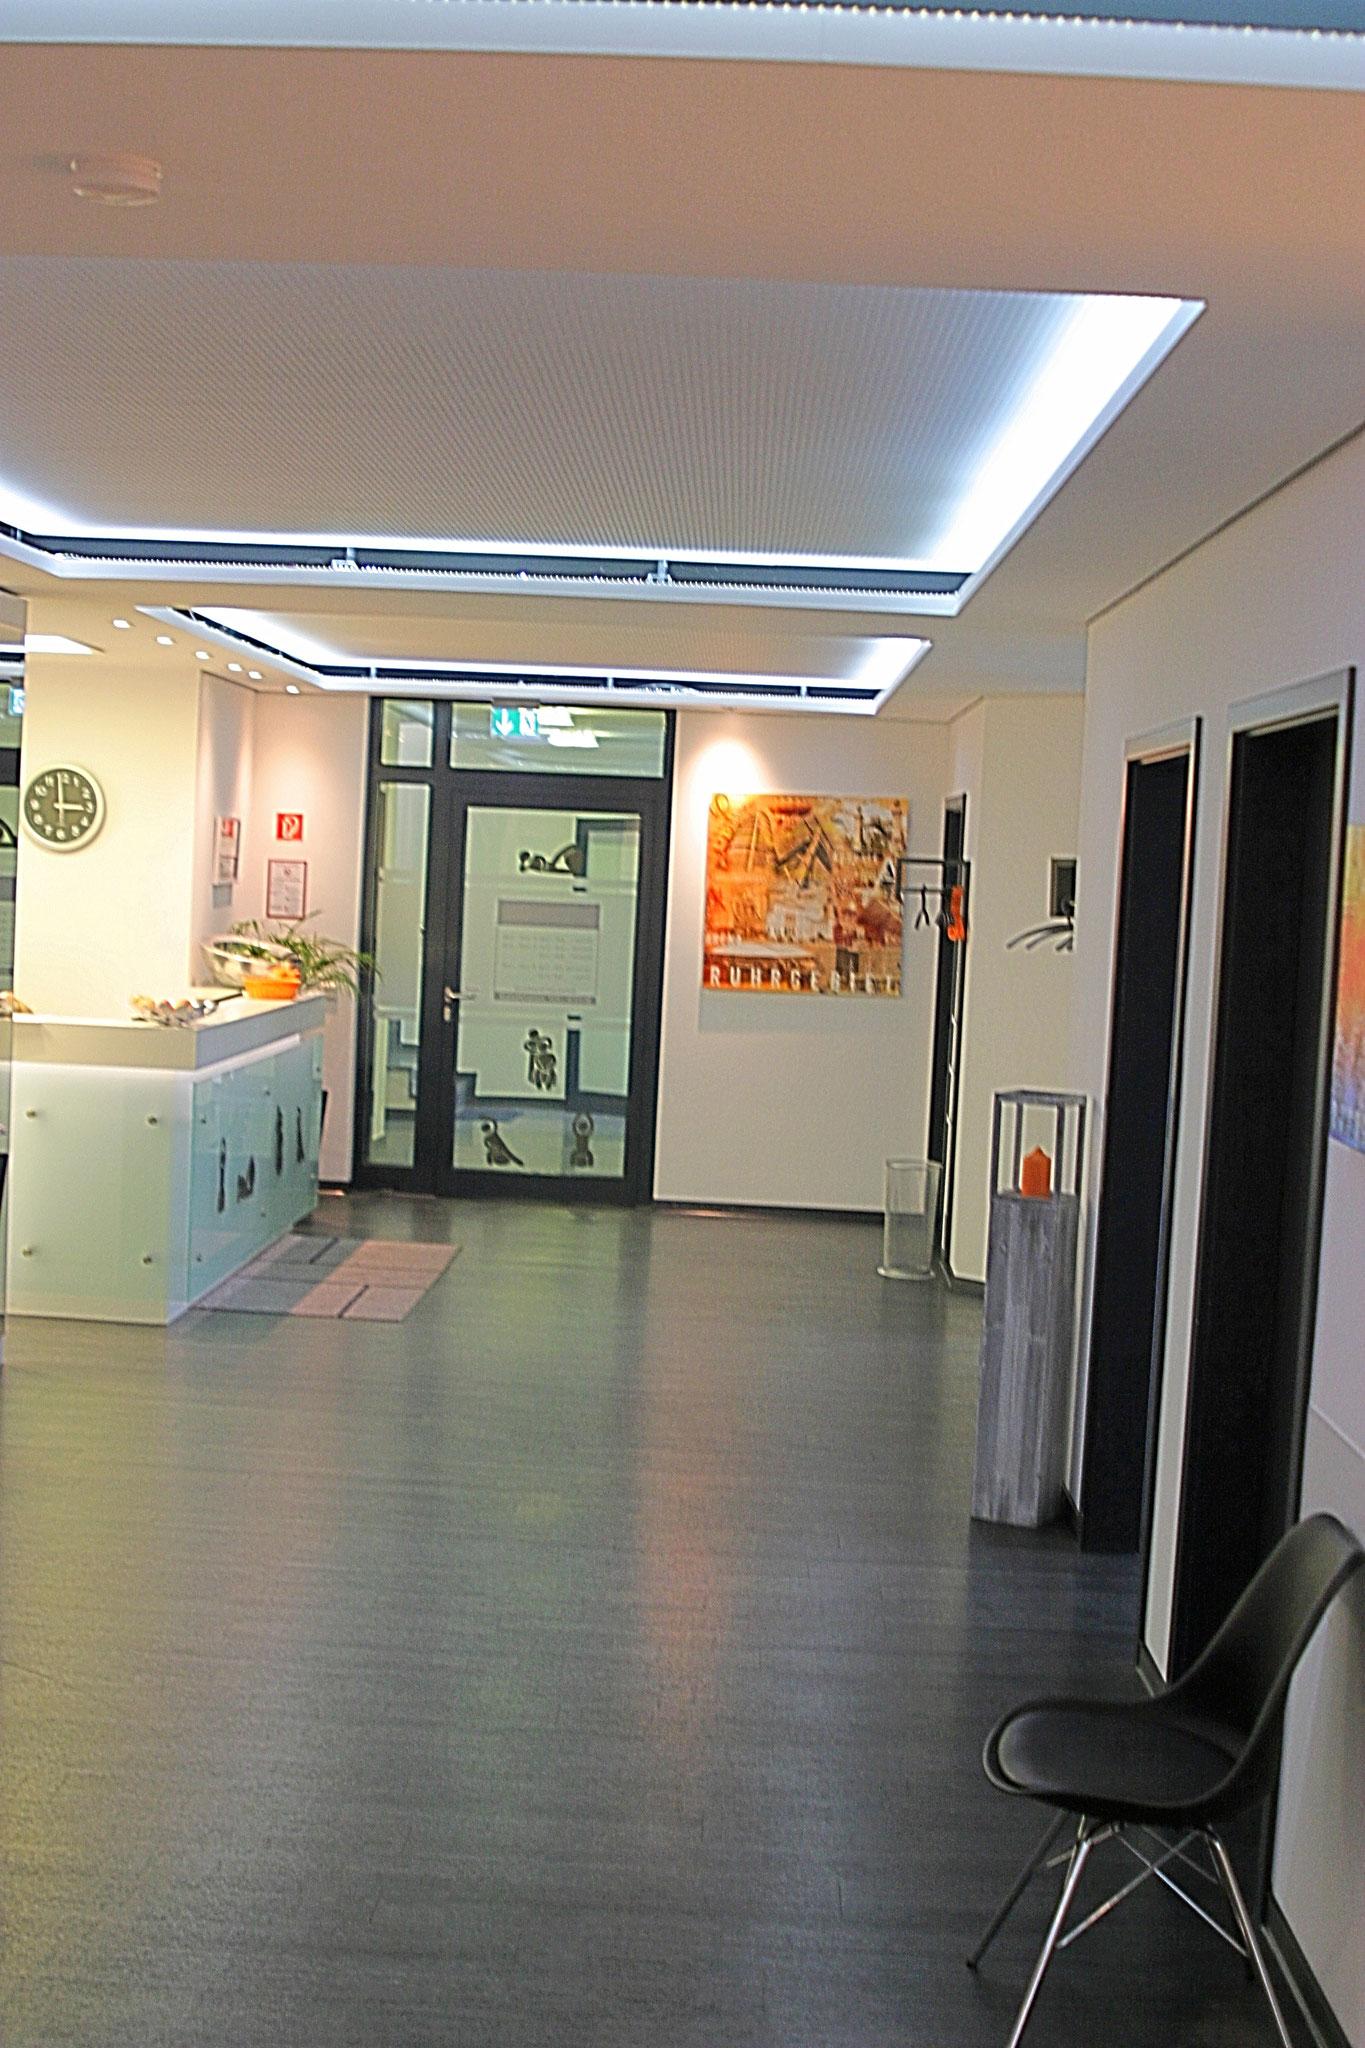 weitläufiges Foyer